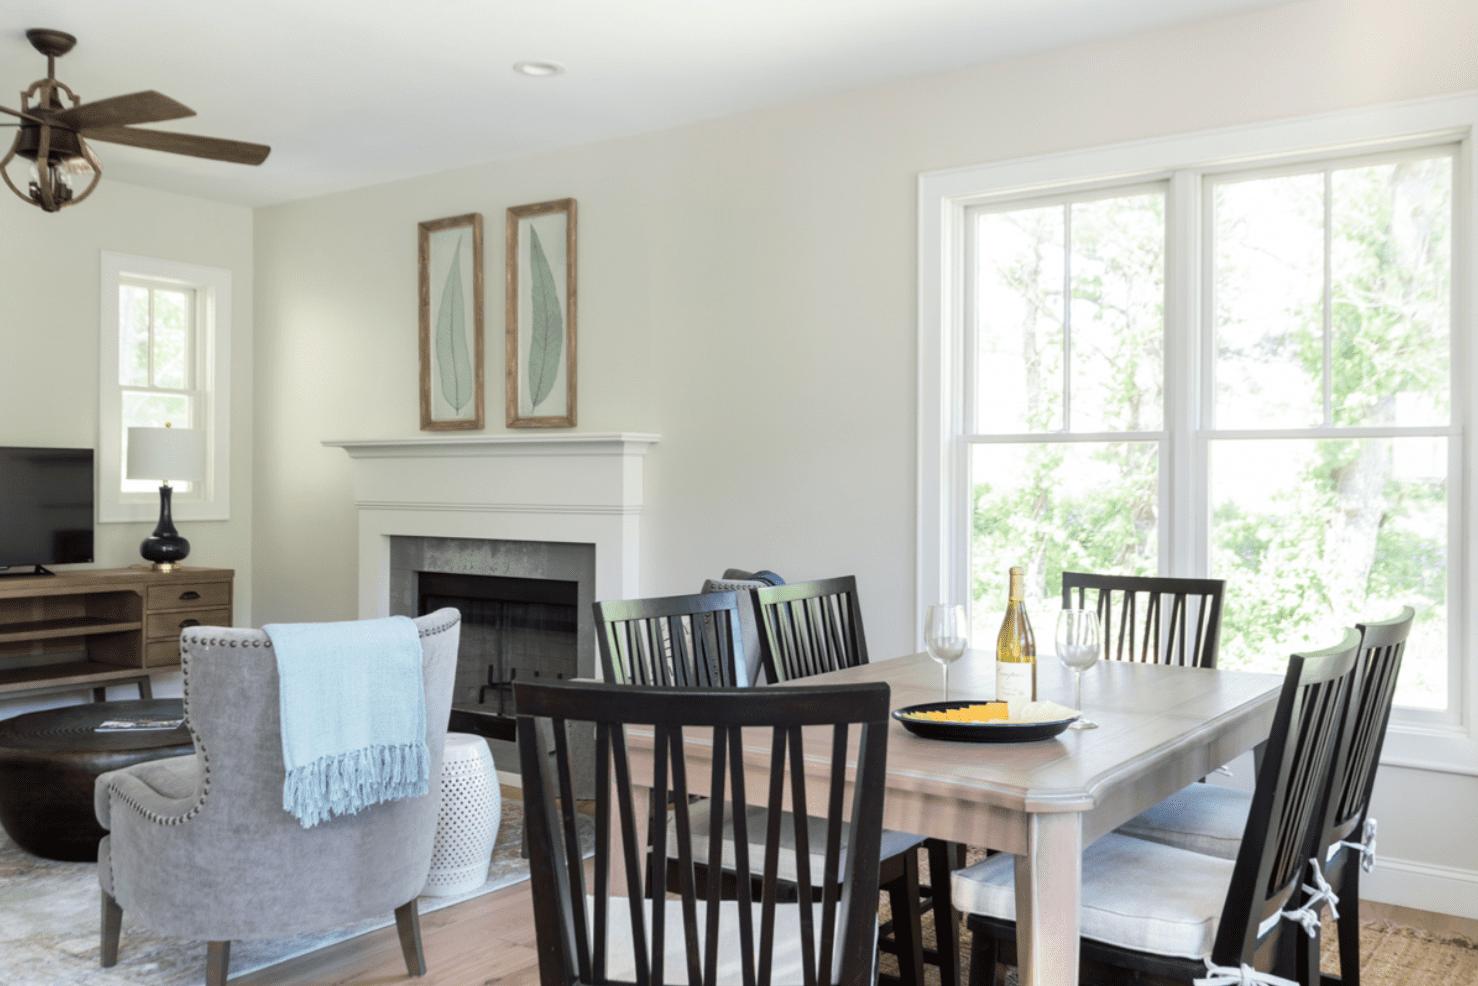 dining-room-table-windows-madison-cottage-warm-springs-va